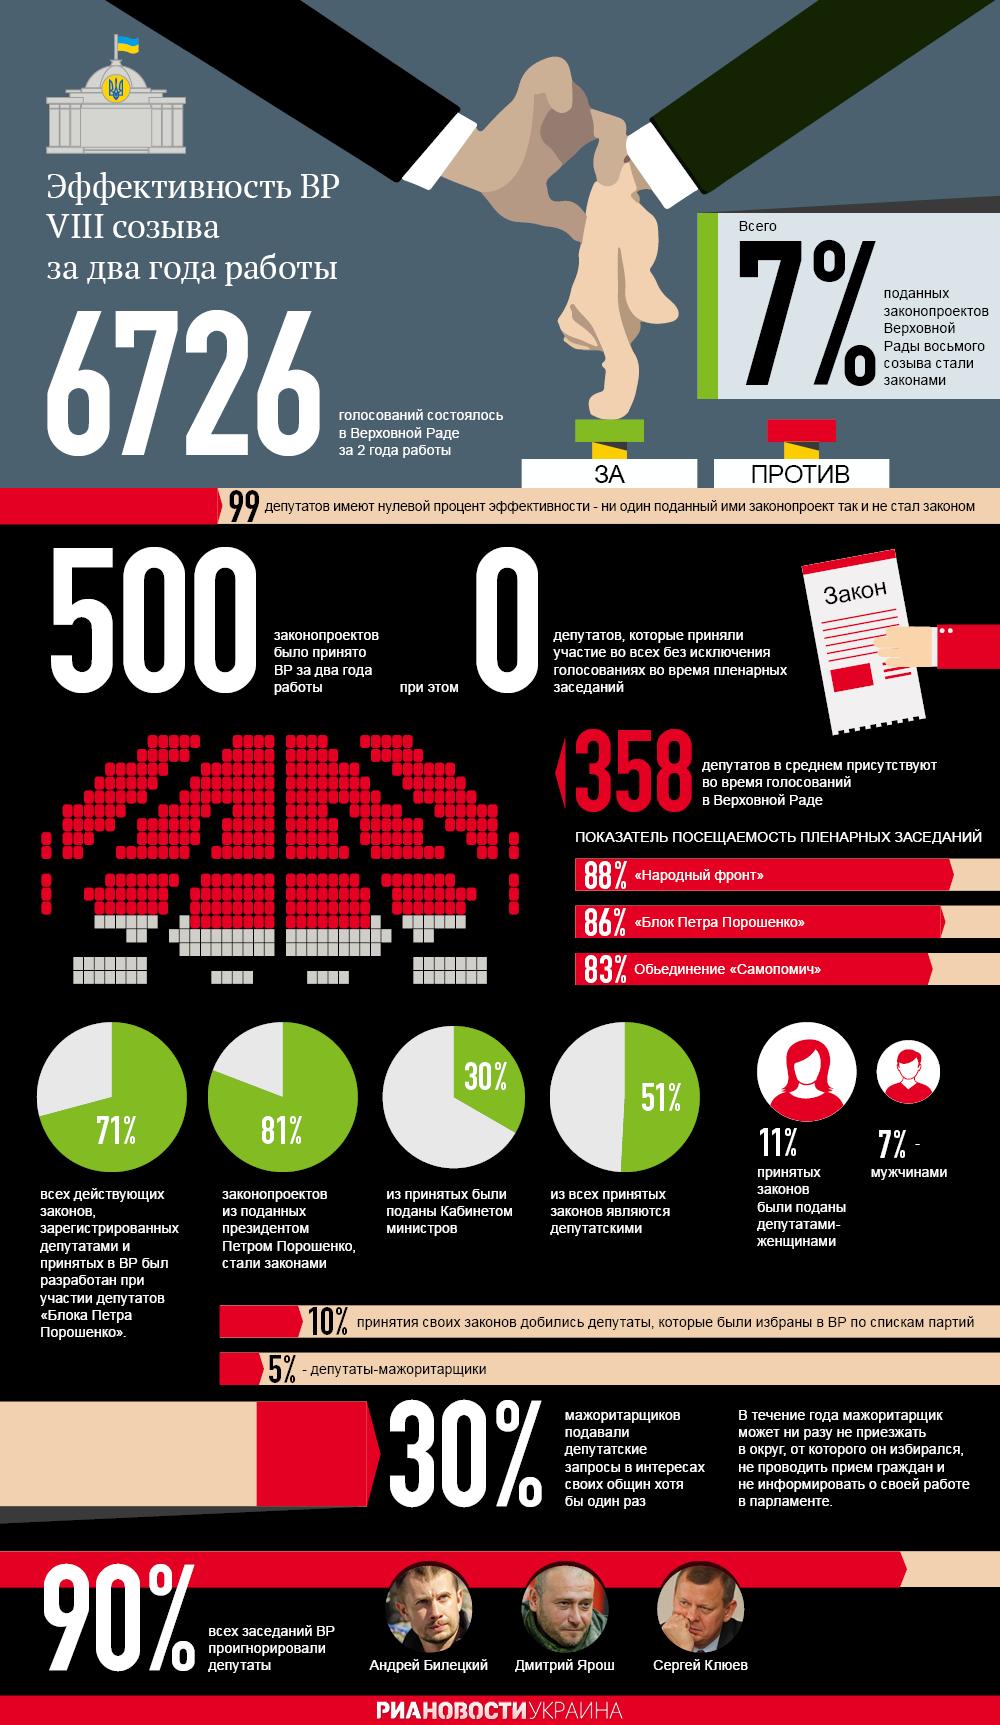 Итоги работы Верховной Рады в цифрах. Инфографика